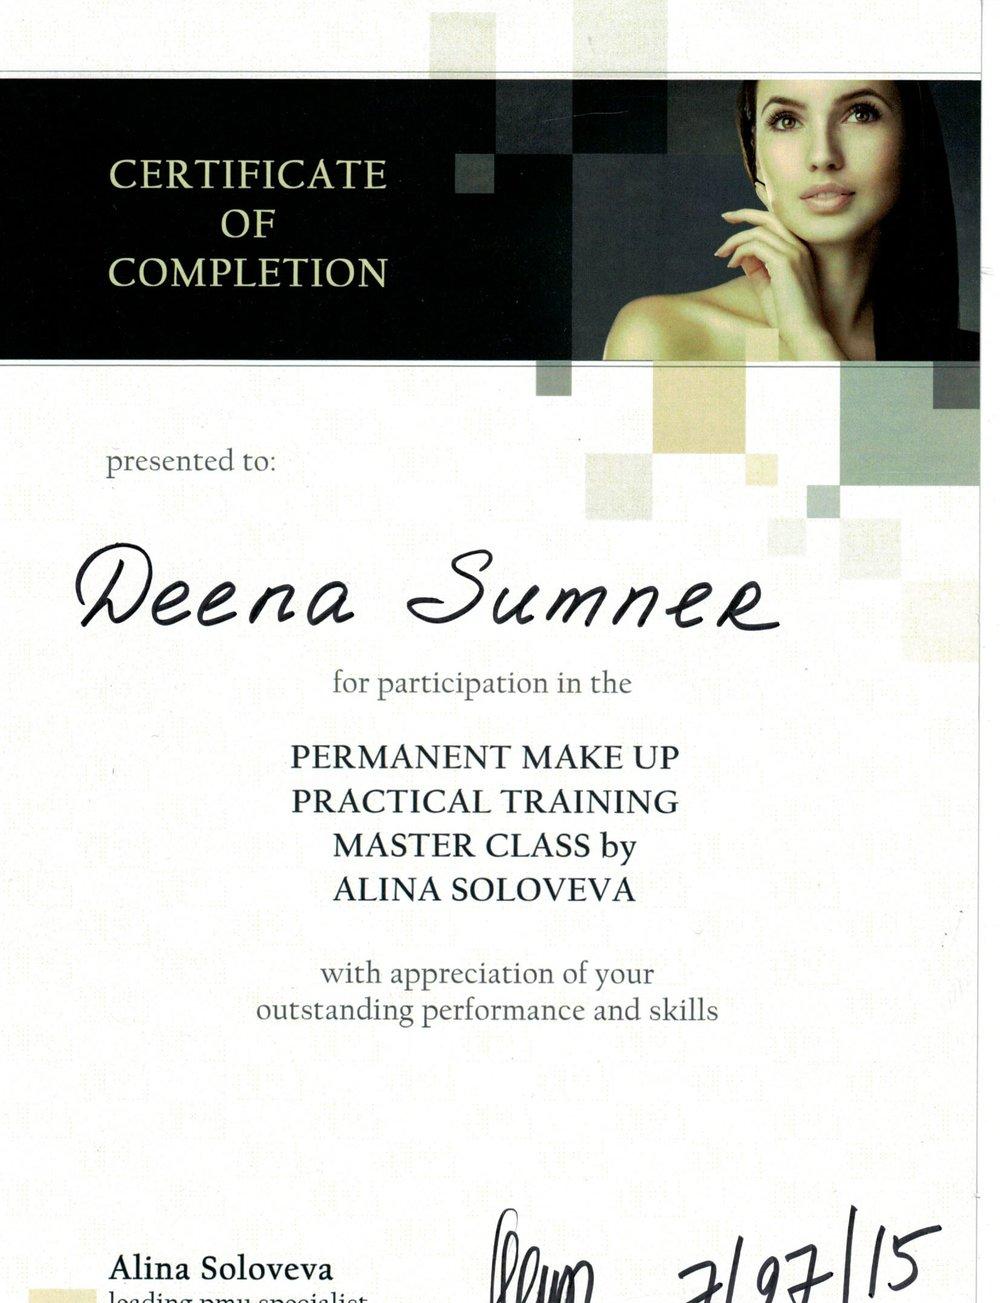 Permanent Makeup Master Class